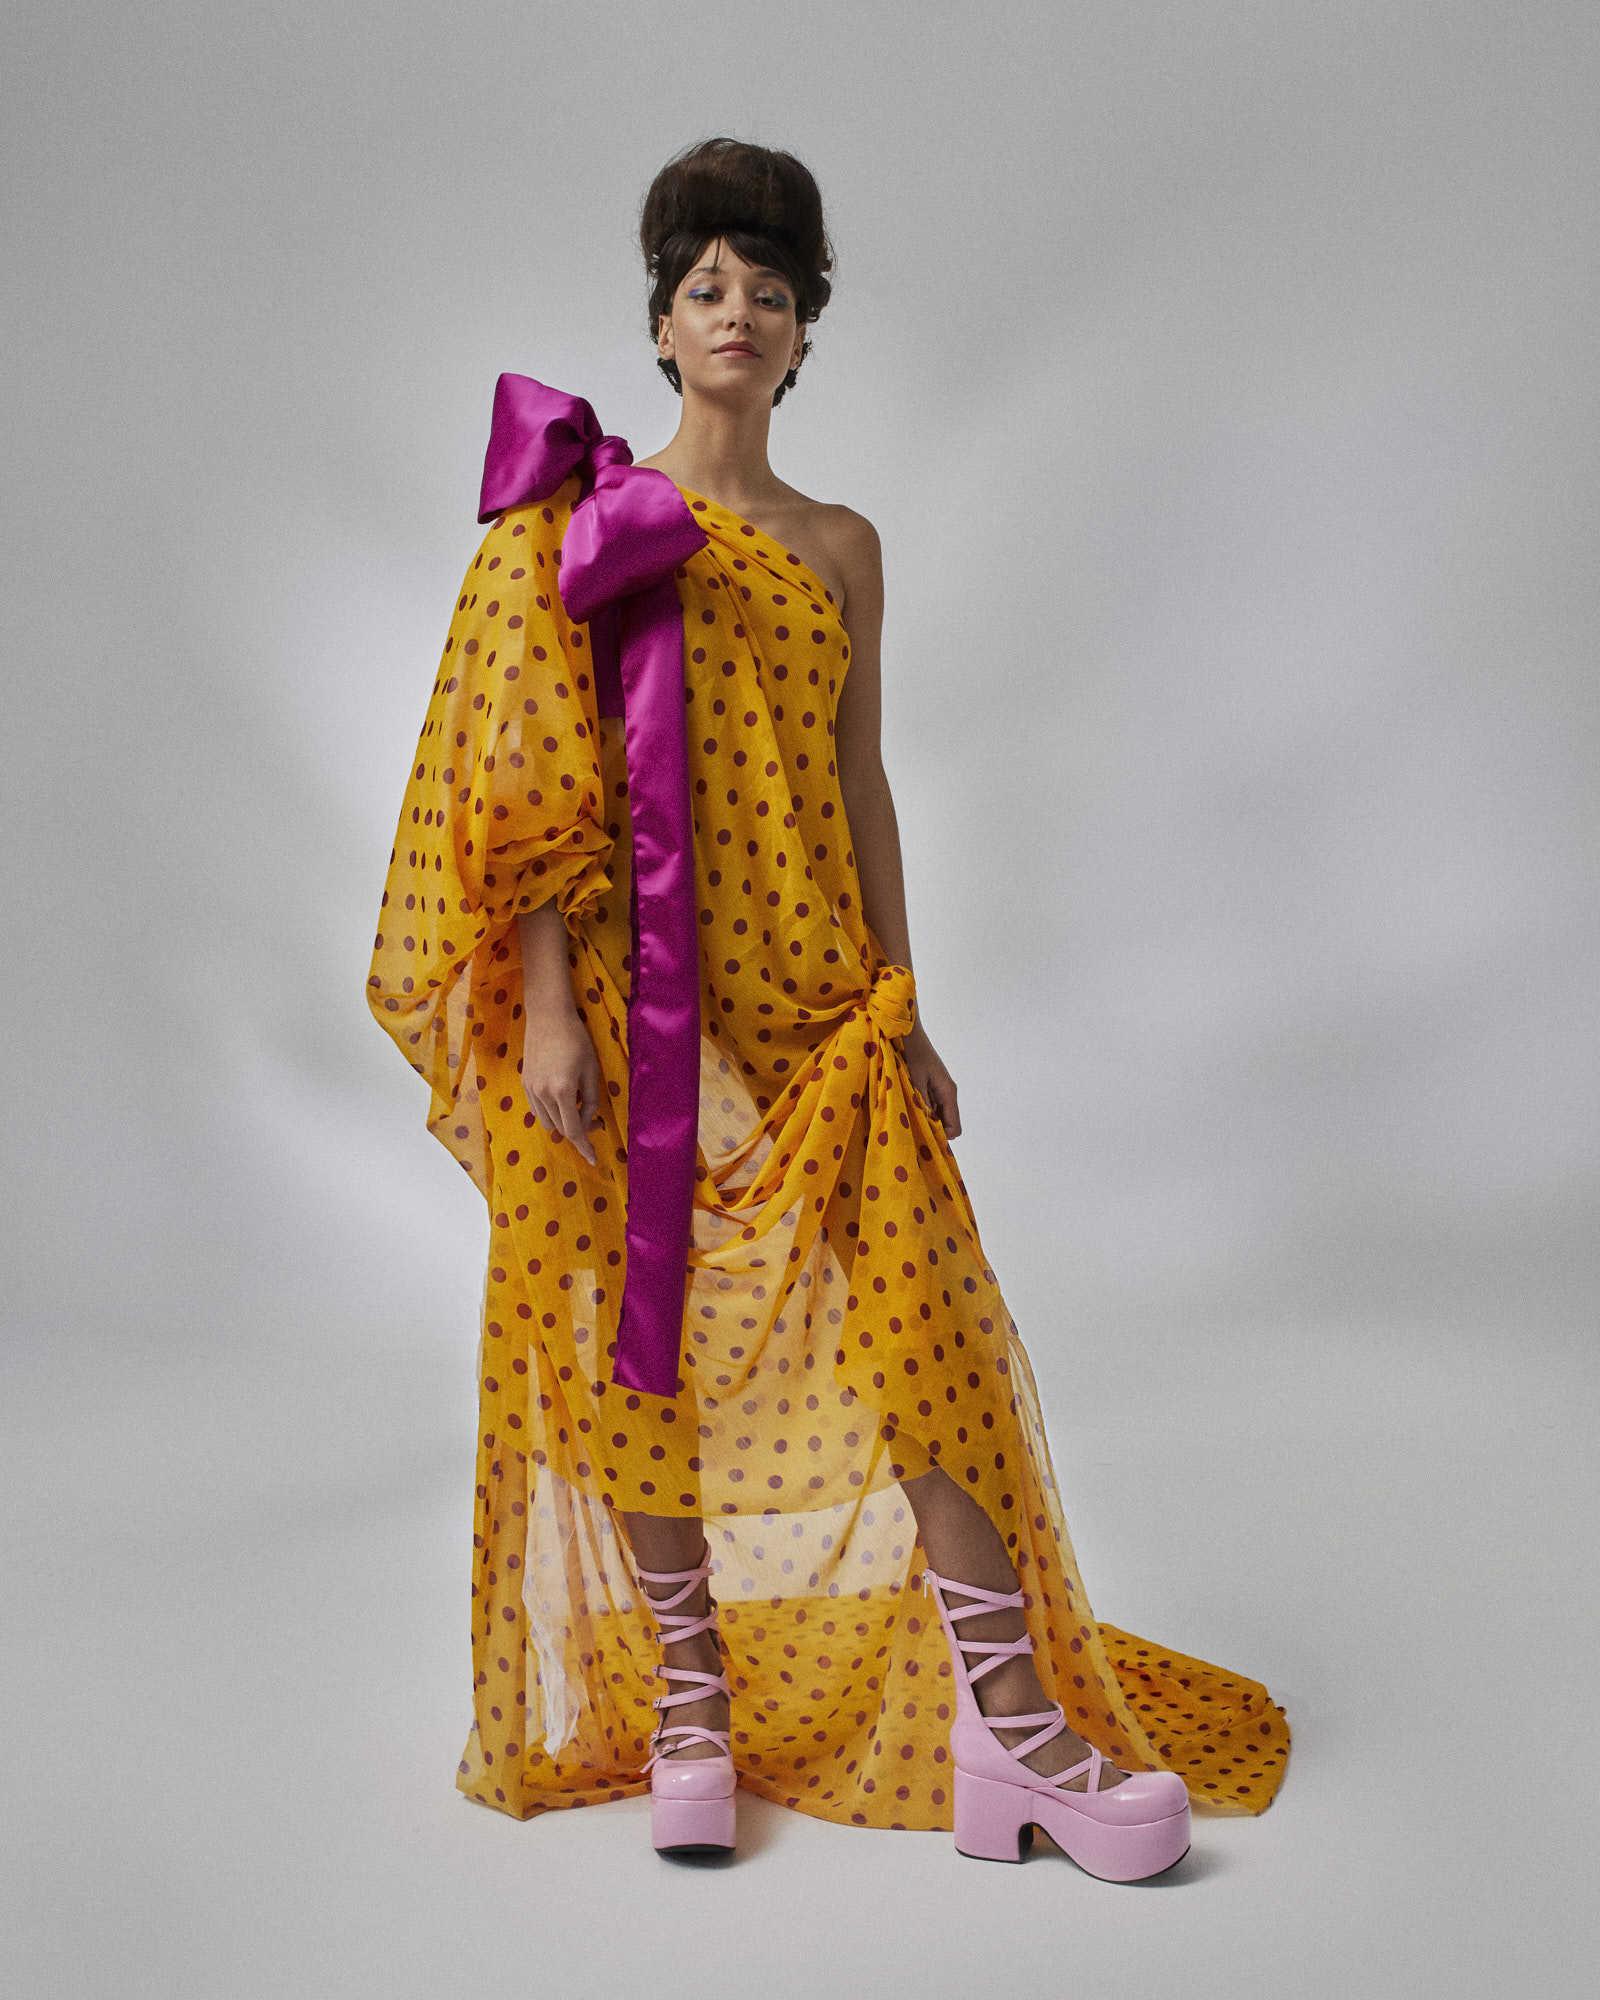 La fantasía y el mix de tejidos y volúmenes caracteriza las...